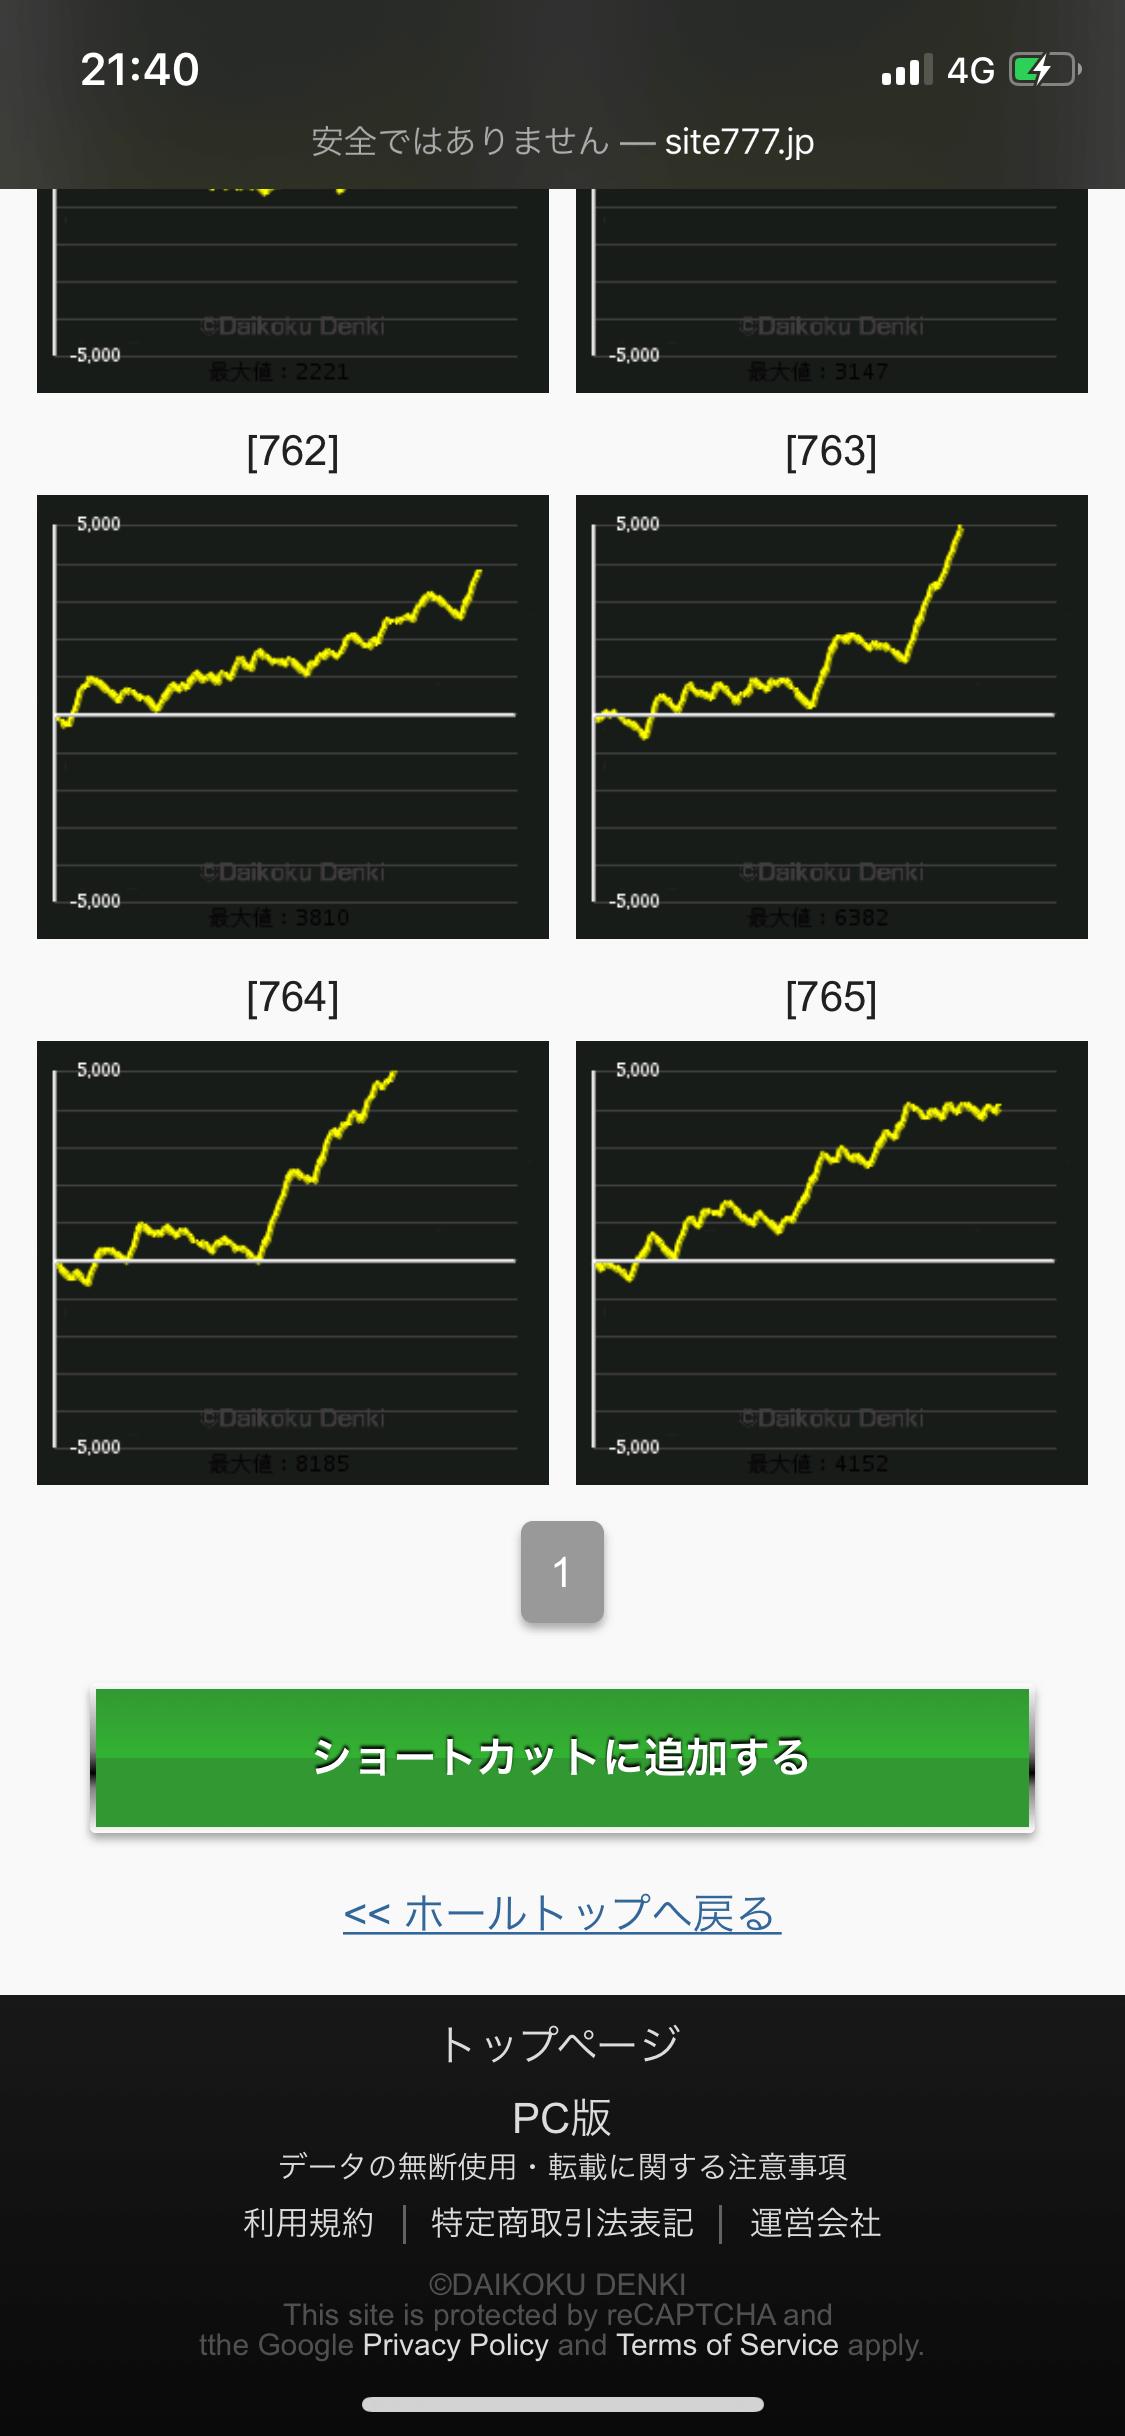 バジリスク絆2全6グラフ2